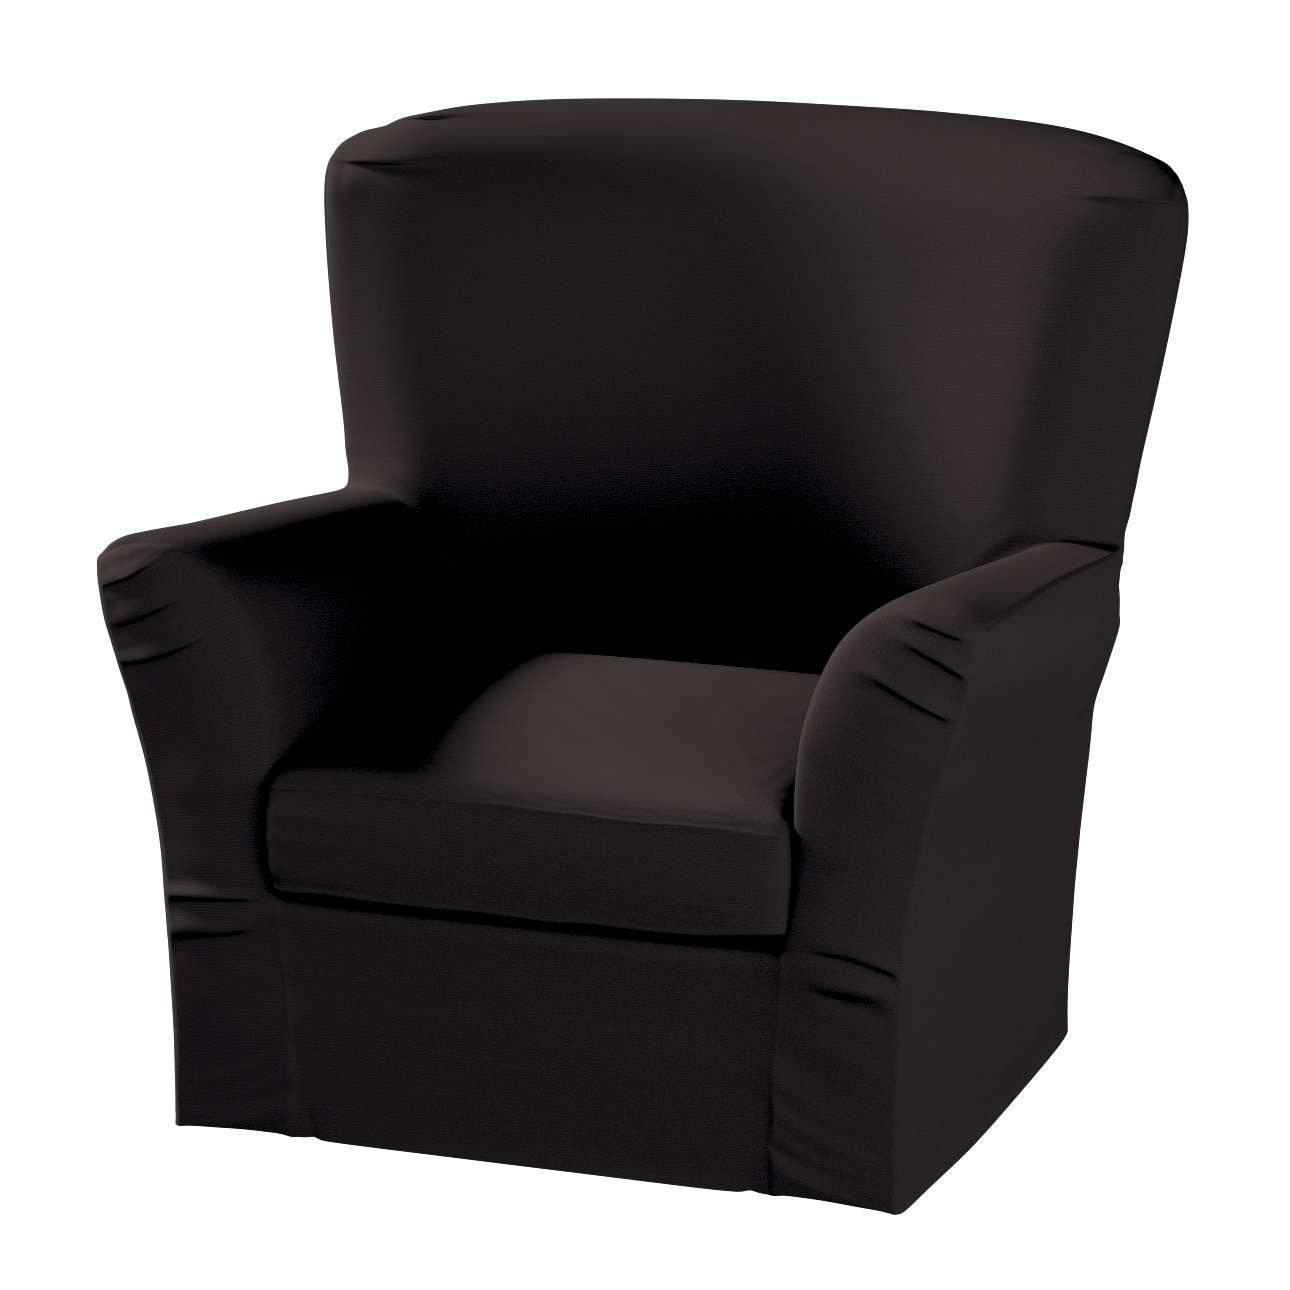 Pokrowiec na fotel Tomelilla z zakładkami w kolekcji Cotton Panama, tkanina: 702-09